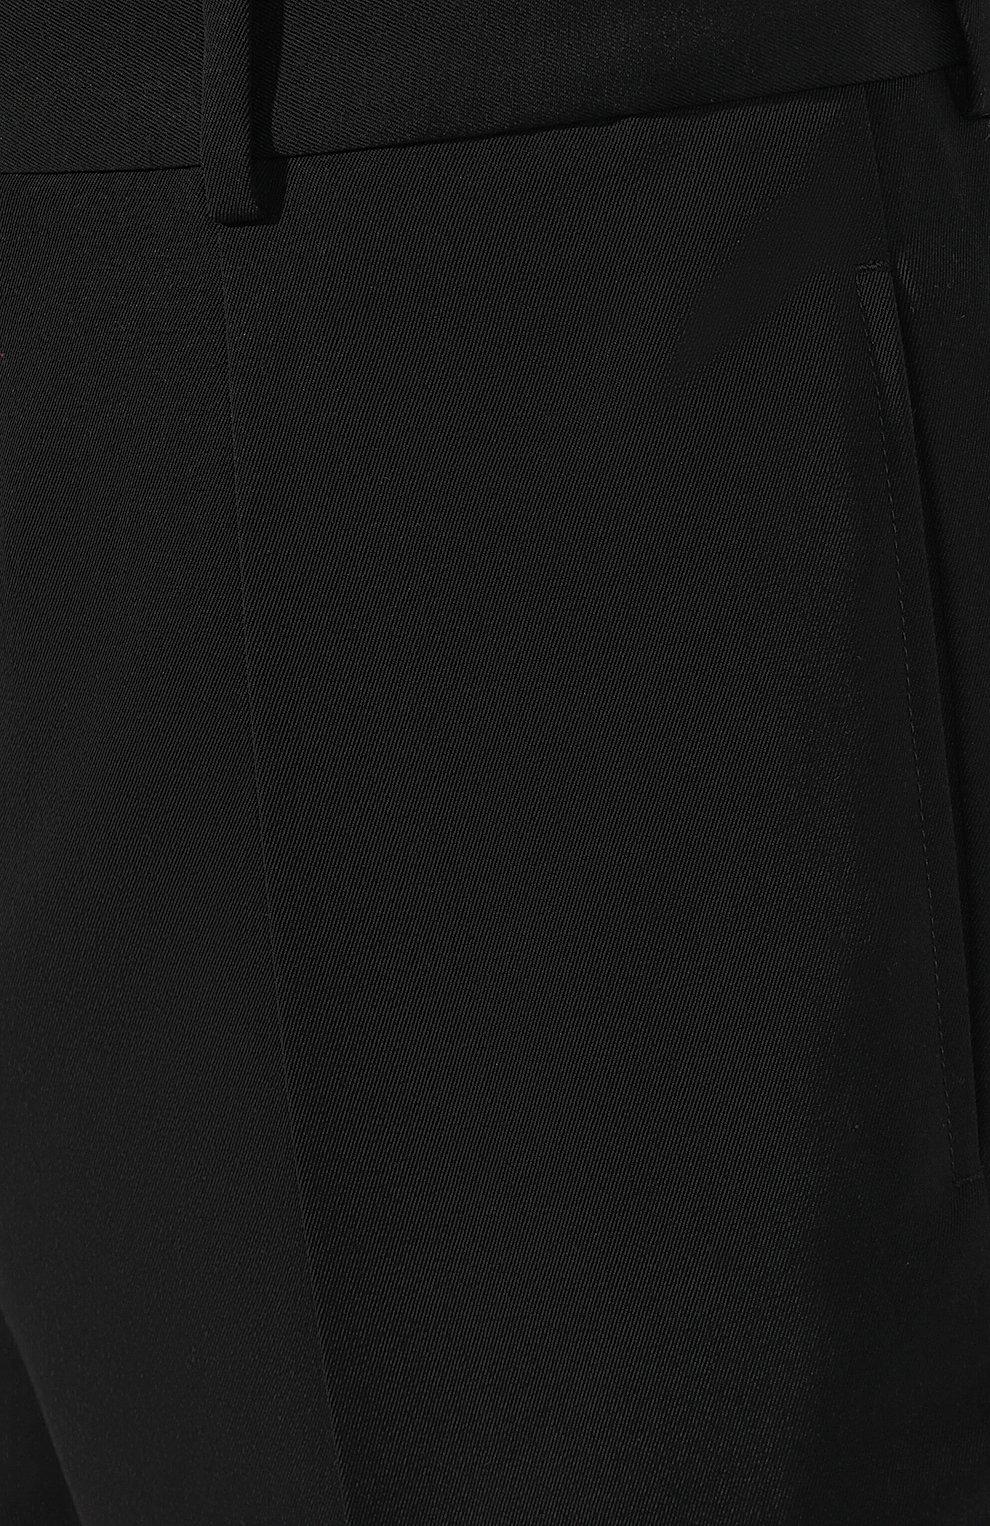 Мужские шерстяные брюки SAINT LAURENT черного цвета, арт. 563592/Y028V | Фото 5 (Материал внешний: Шерсть; Длина (брюки, джинсы): Стандартные; Случай: Повседневный, Формальный; Стили: Классический; Материал подклада: Шелк)